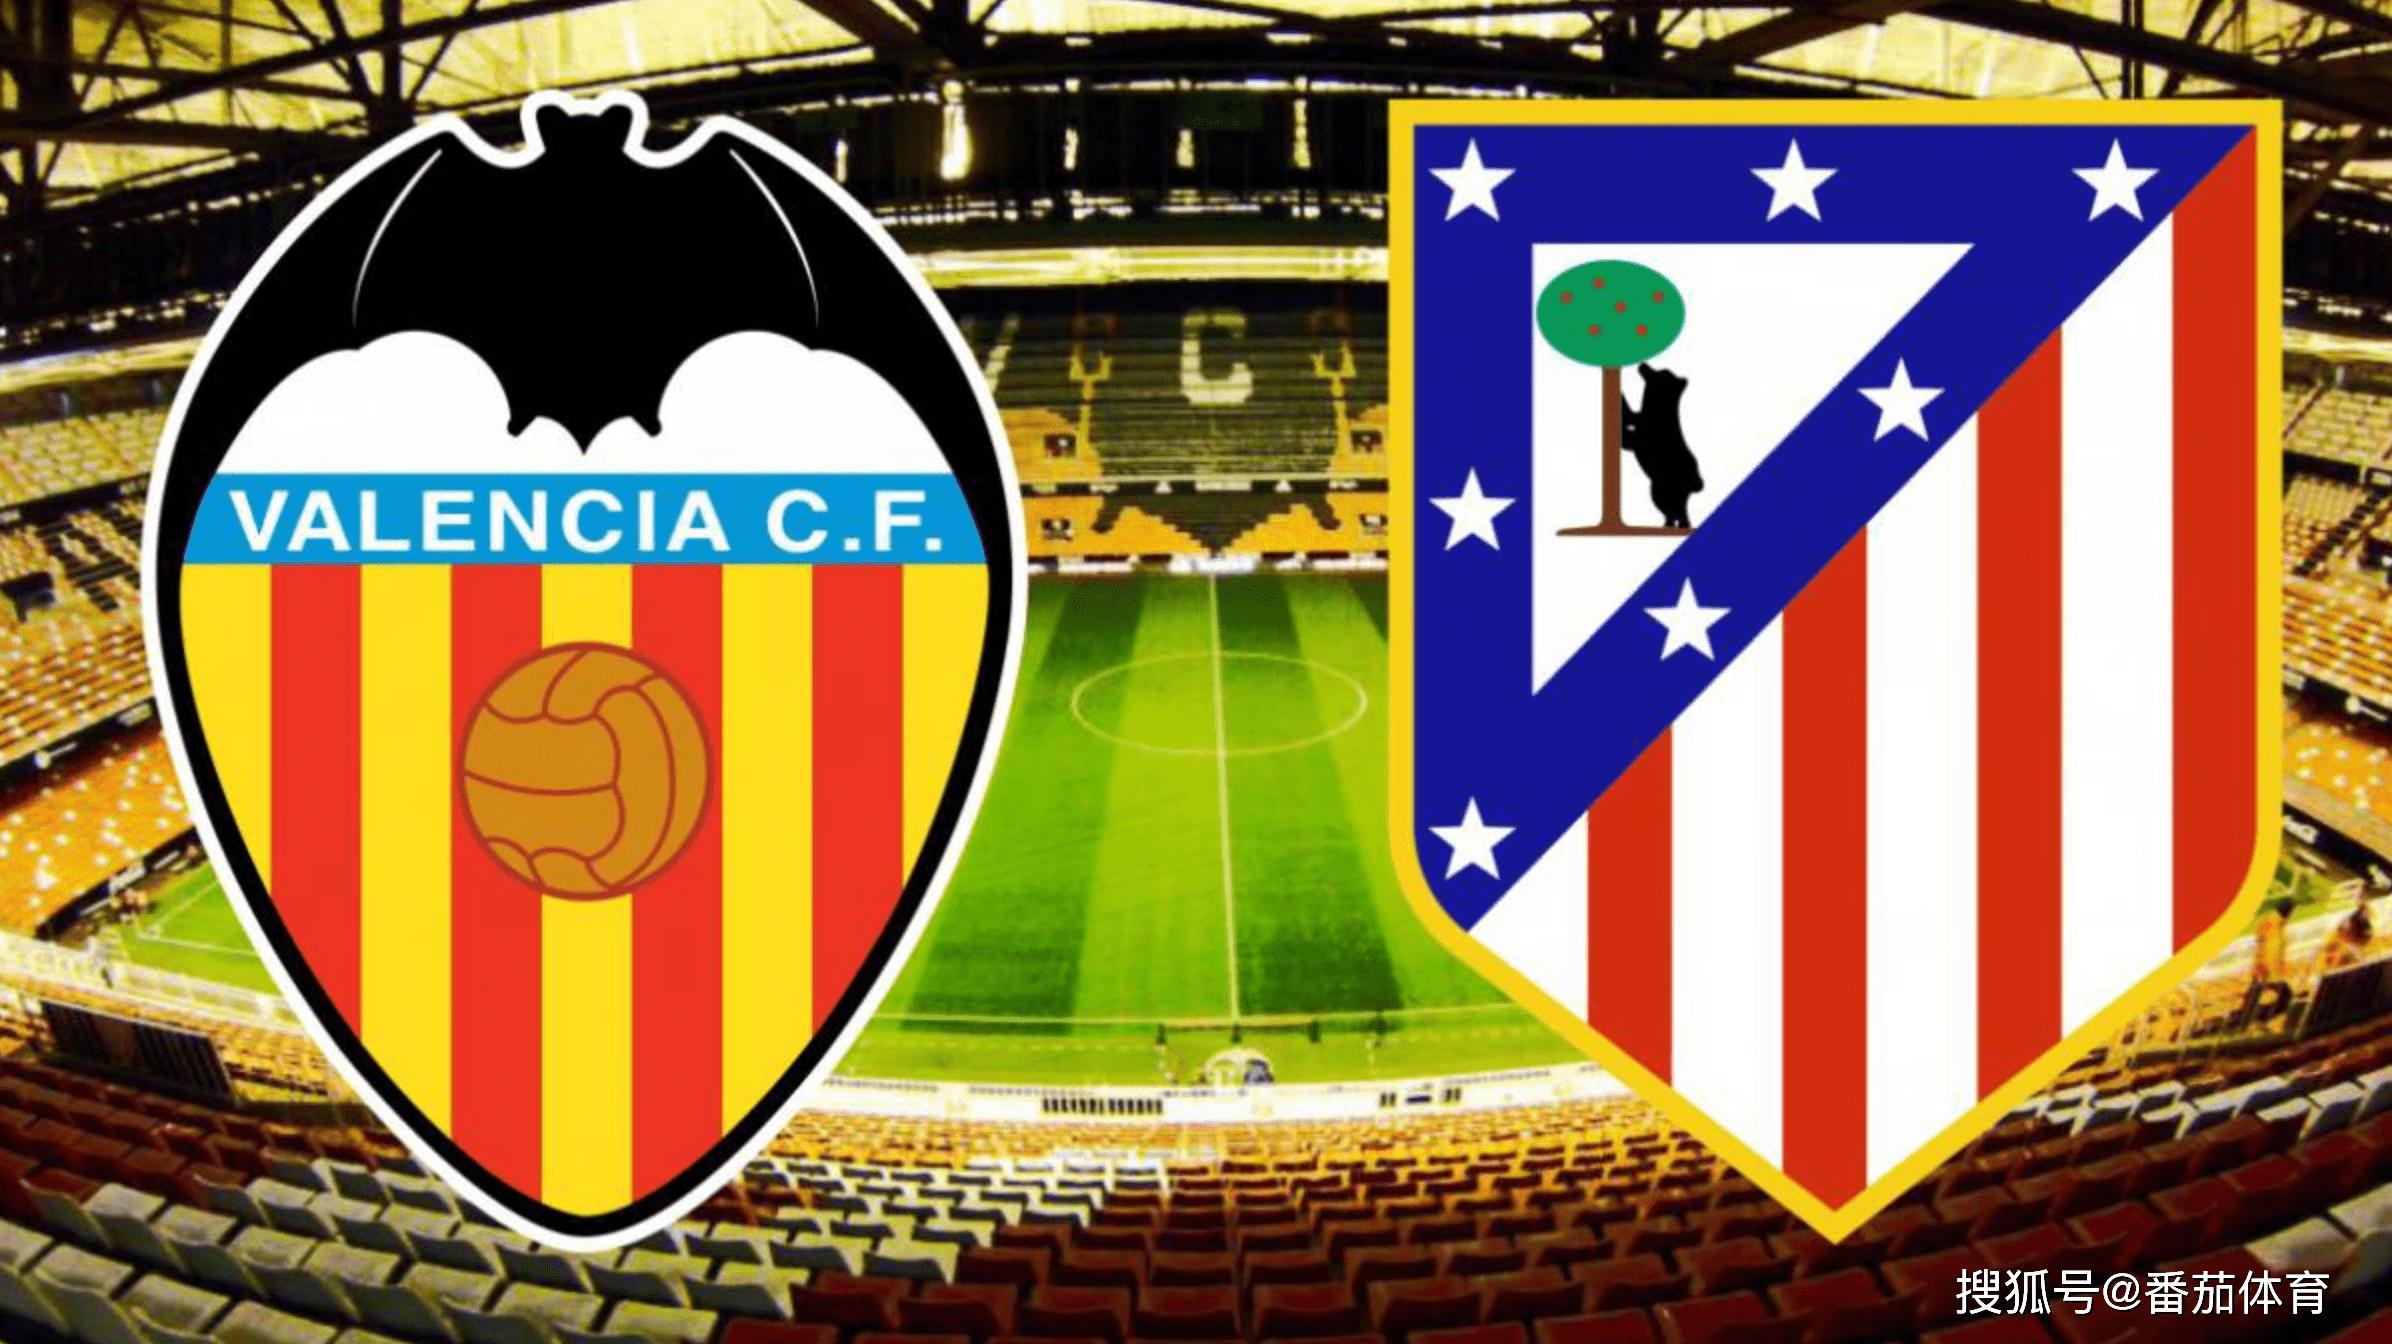 「西甲」巴伦西亚vs马德里竞技马竞火并蝙蝠军团冲击榜首